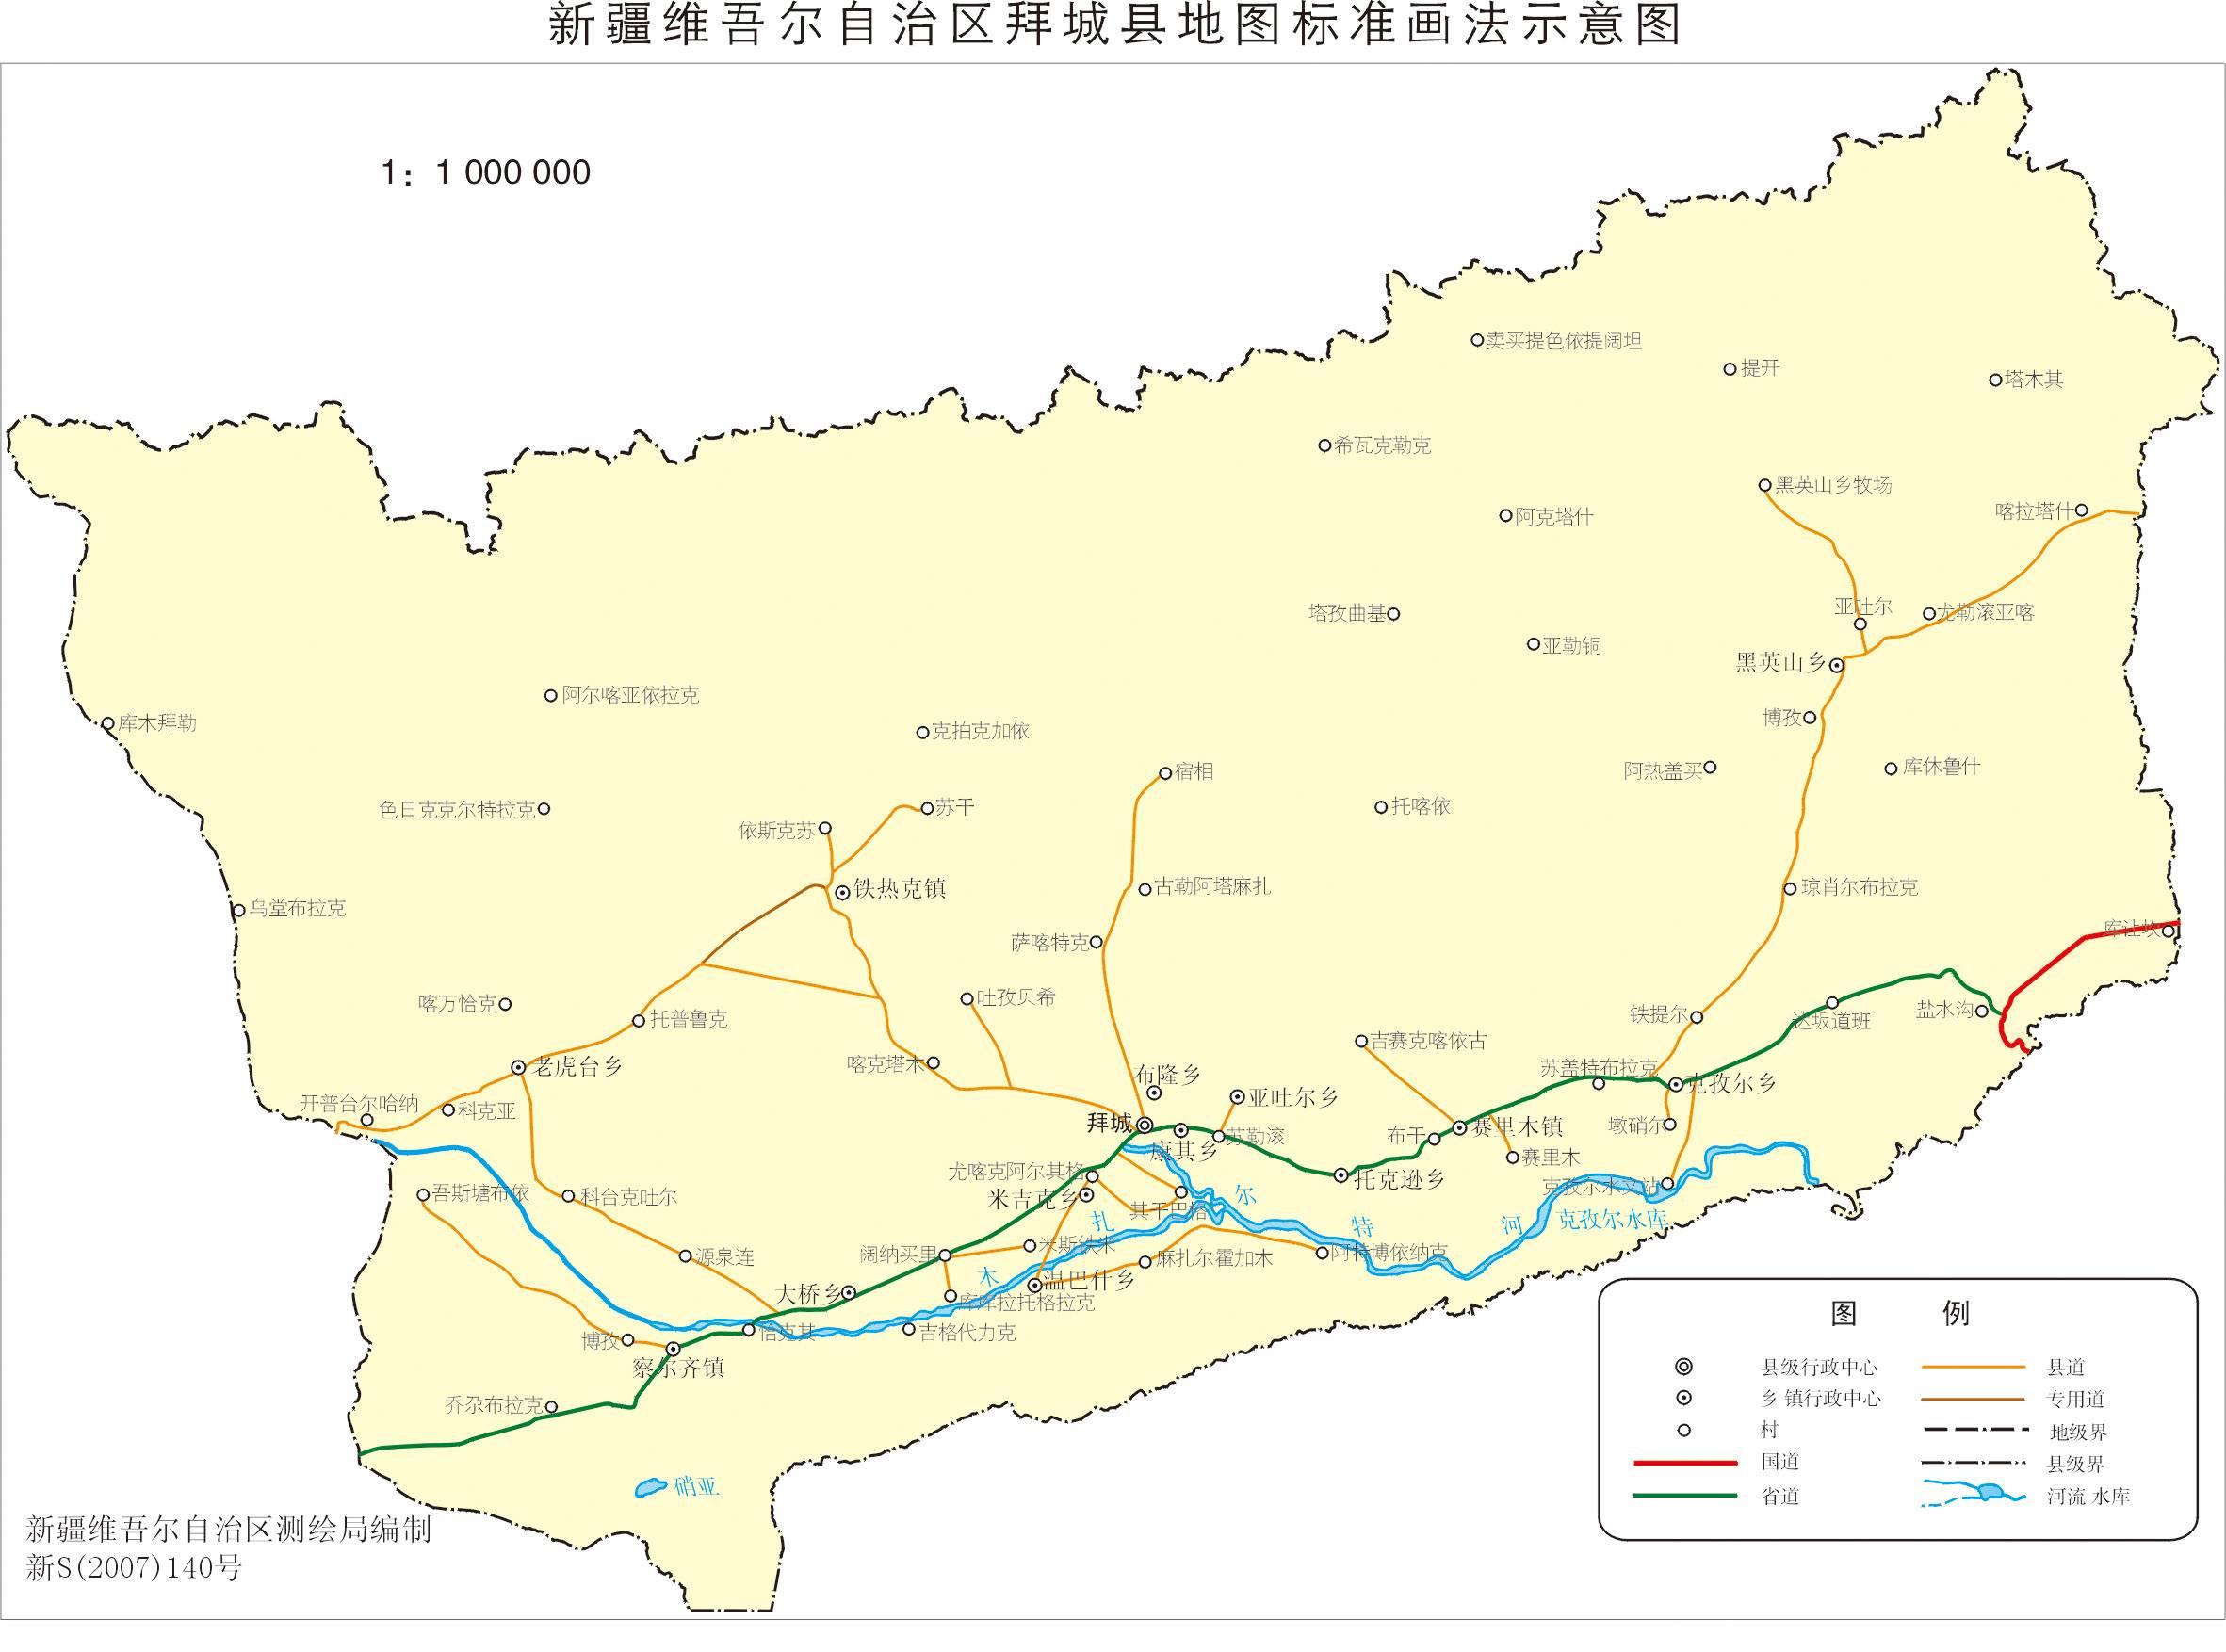 新疆拜城县地图